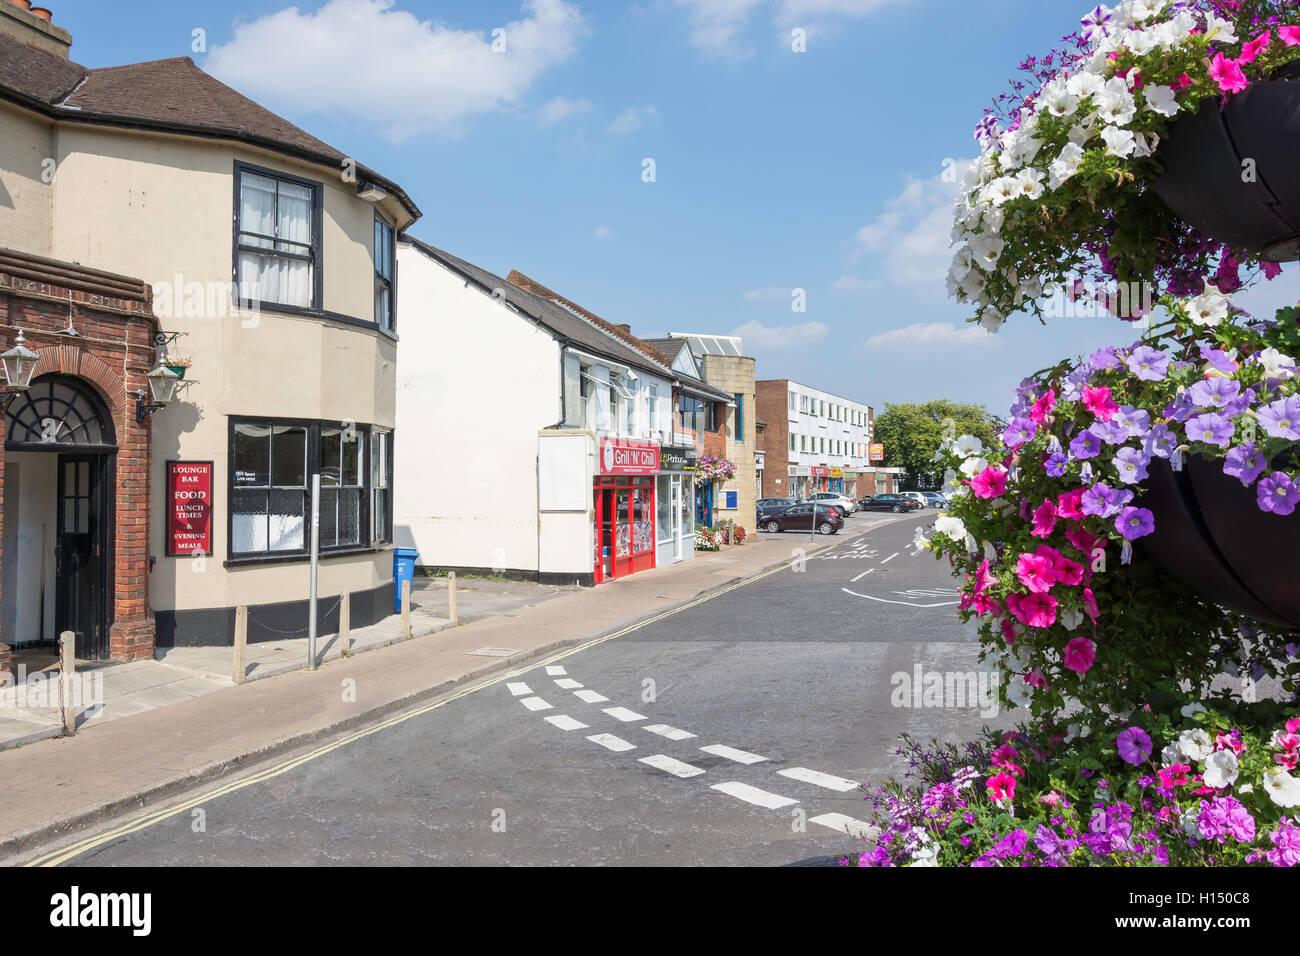 London Road, Blackwater, Hampshire, England, United Kingdom - Stock Image